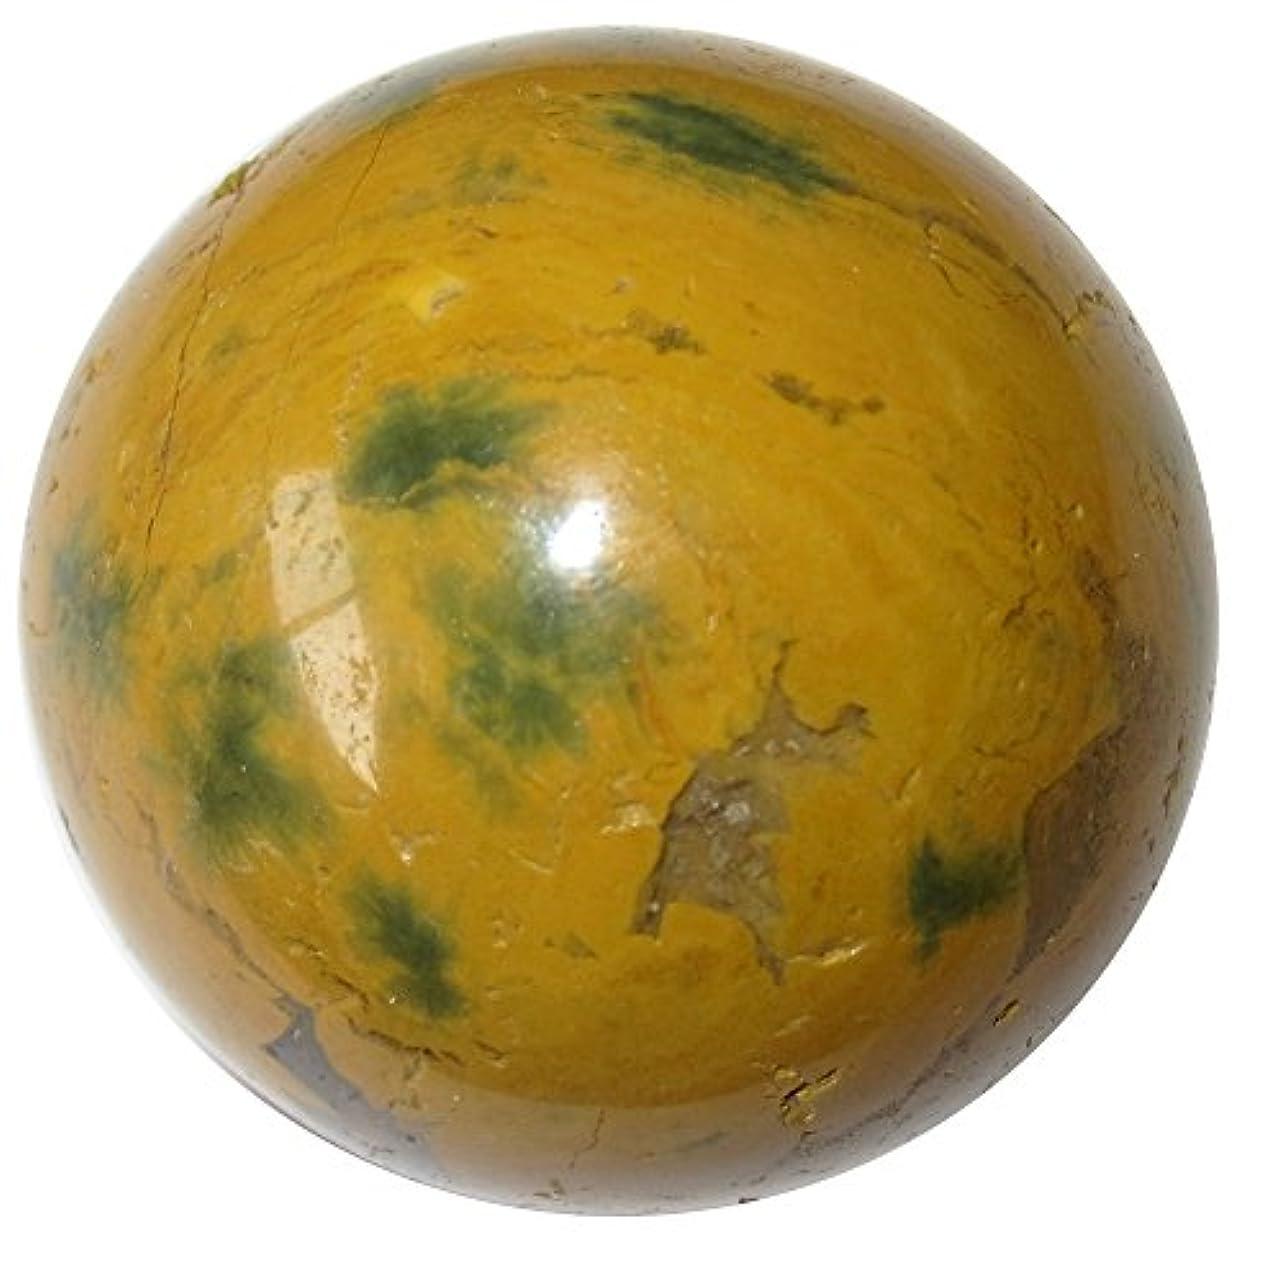 電気技師スラッシュラックサテンクリスタルジャスパー海洋ボールプレミアムマダガスカル球水要素エネルギーフローストーンp01 1.6 Inches イエロー jasperoceanball01-mustardgreen-1.6